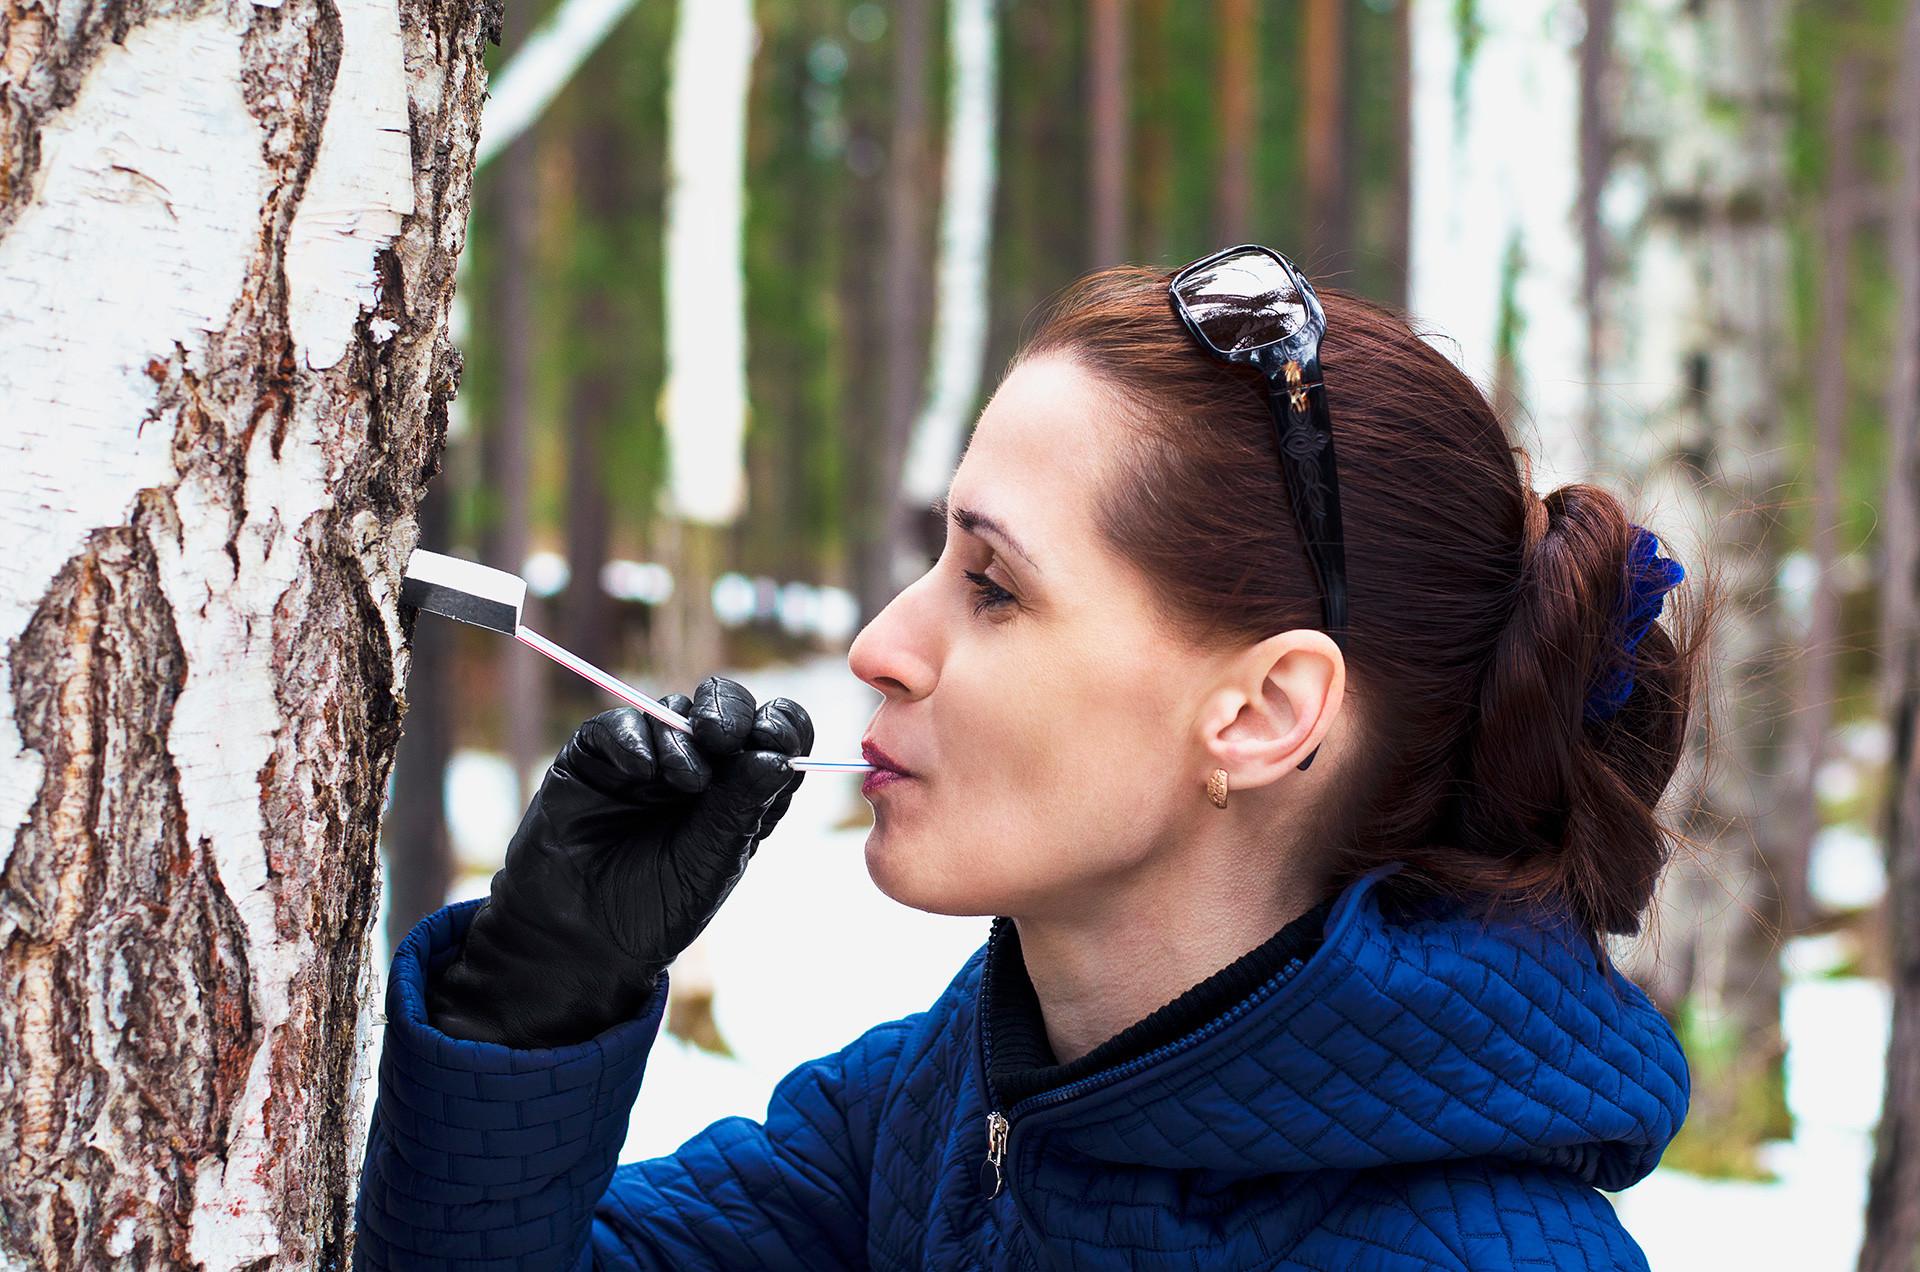 Дали некогаш сте пробале сок од брезово дрво?